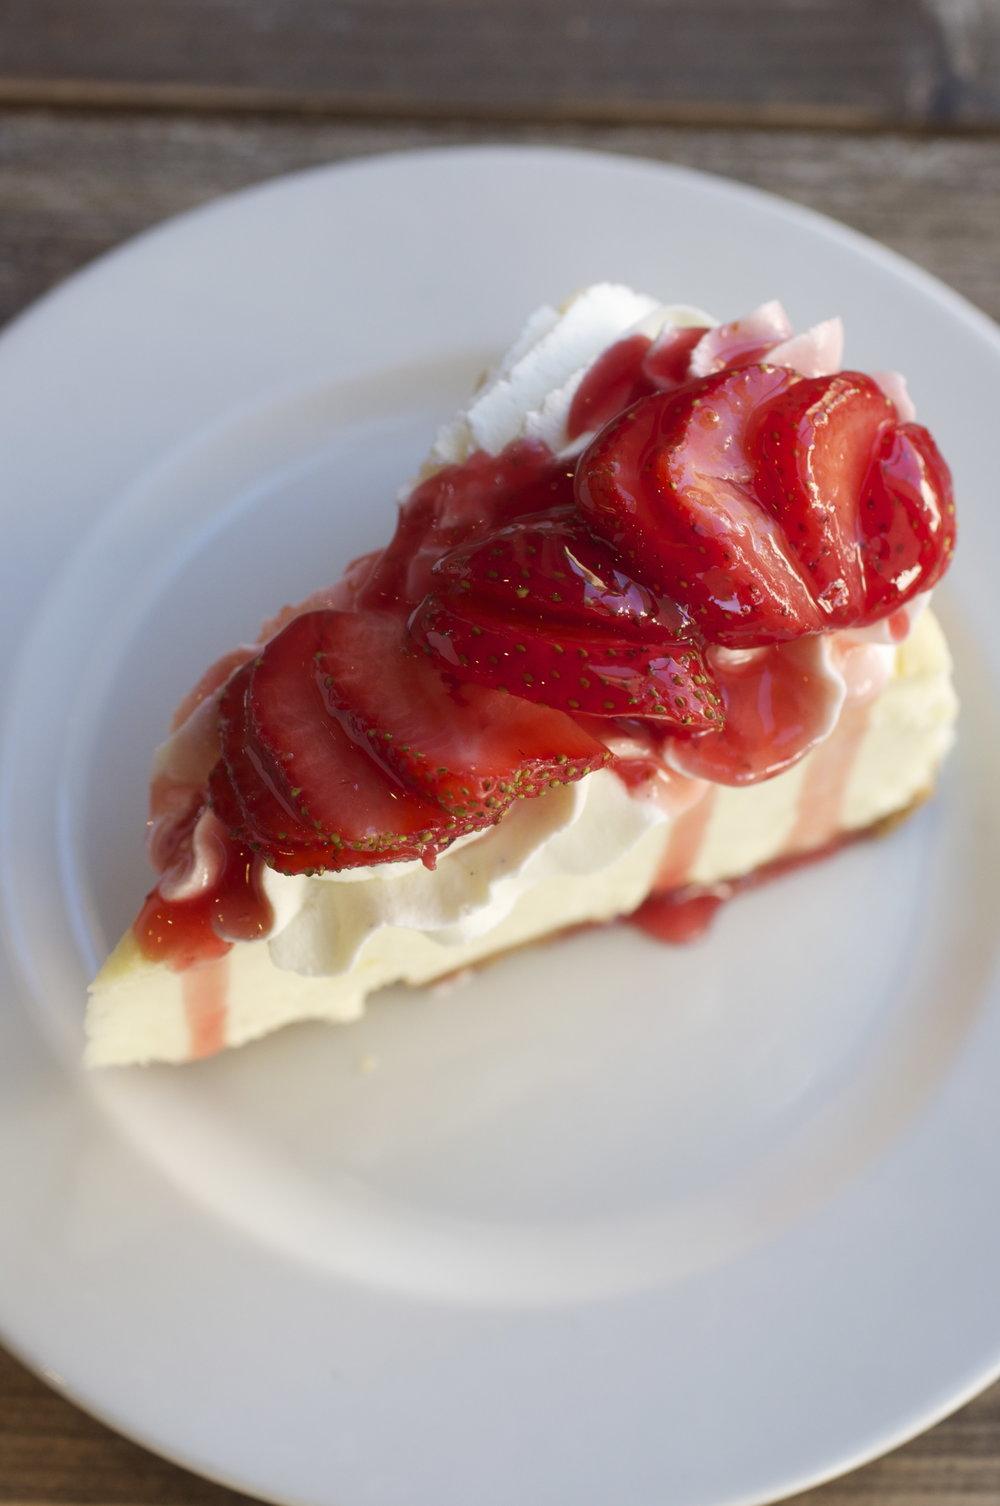 NY Cheesecake with Strawberry, Kimberly Park.jpg